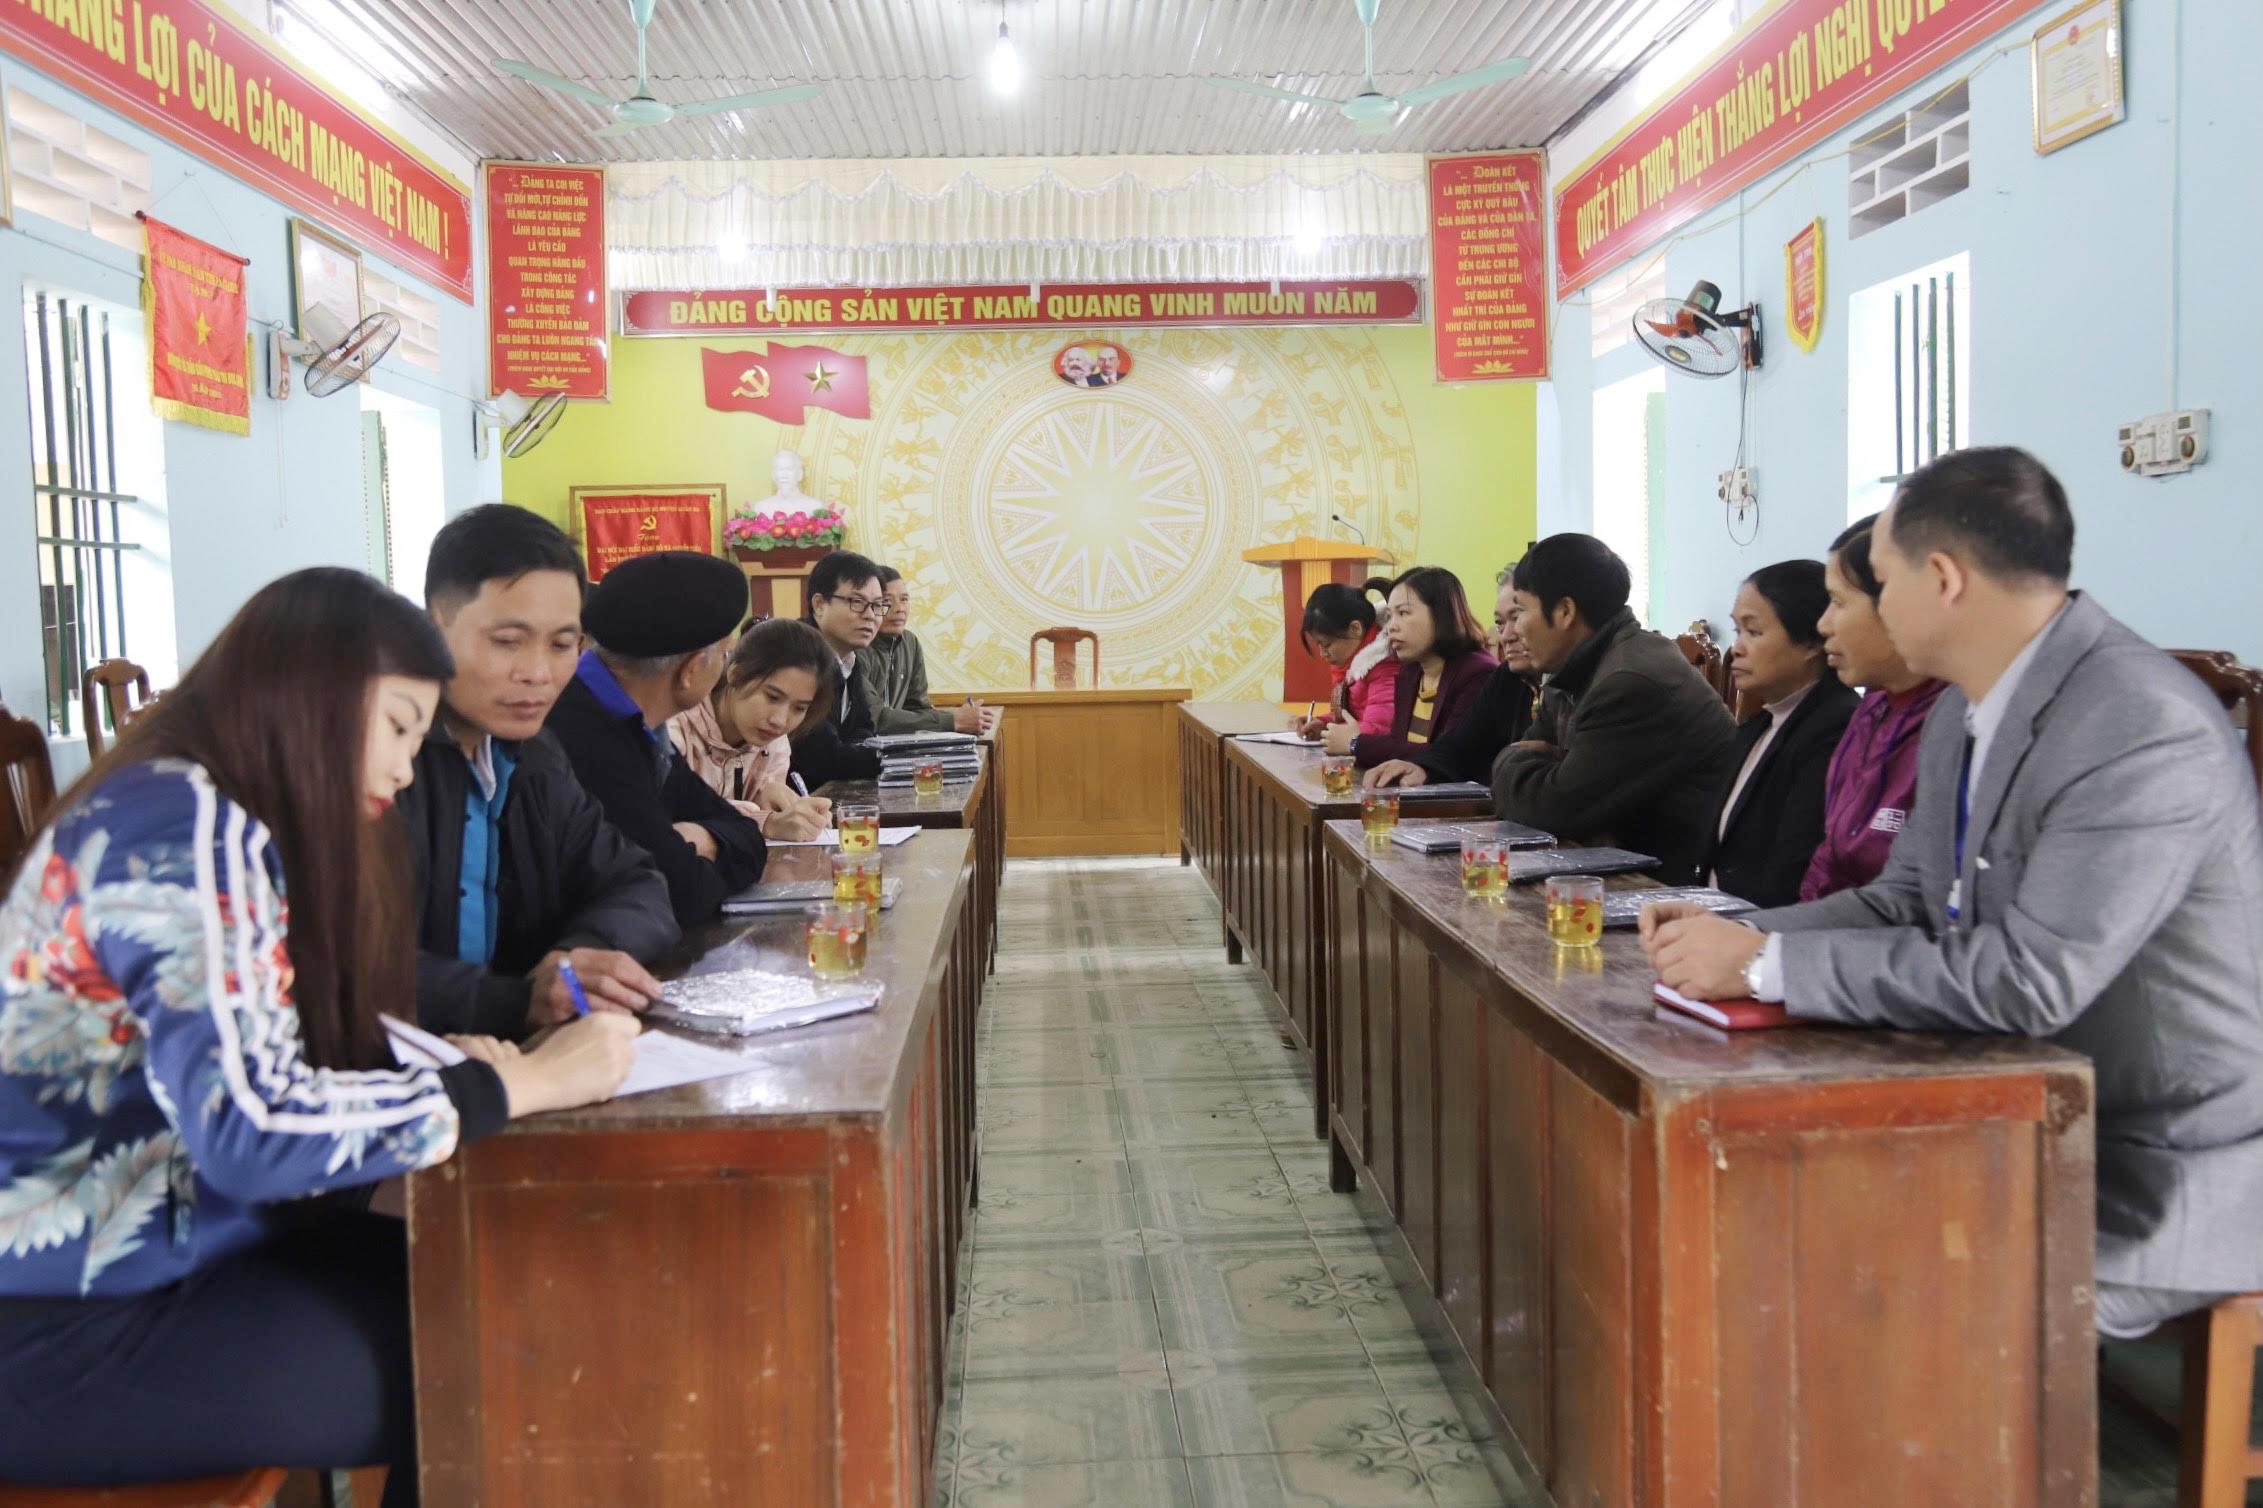 Đoàn công tác Báo Dân tộc và Phát triển làm việc tại xã Quyết Tiến, huyện Quản Bạ (Hà Giang) về công tác phát hành Báo cho Người có uy tín